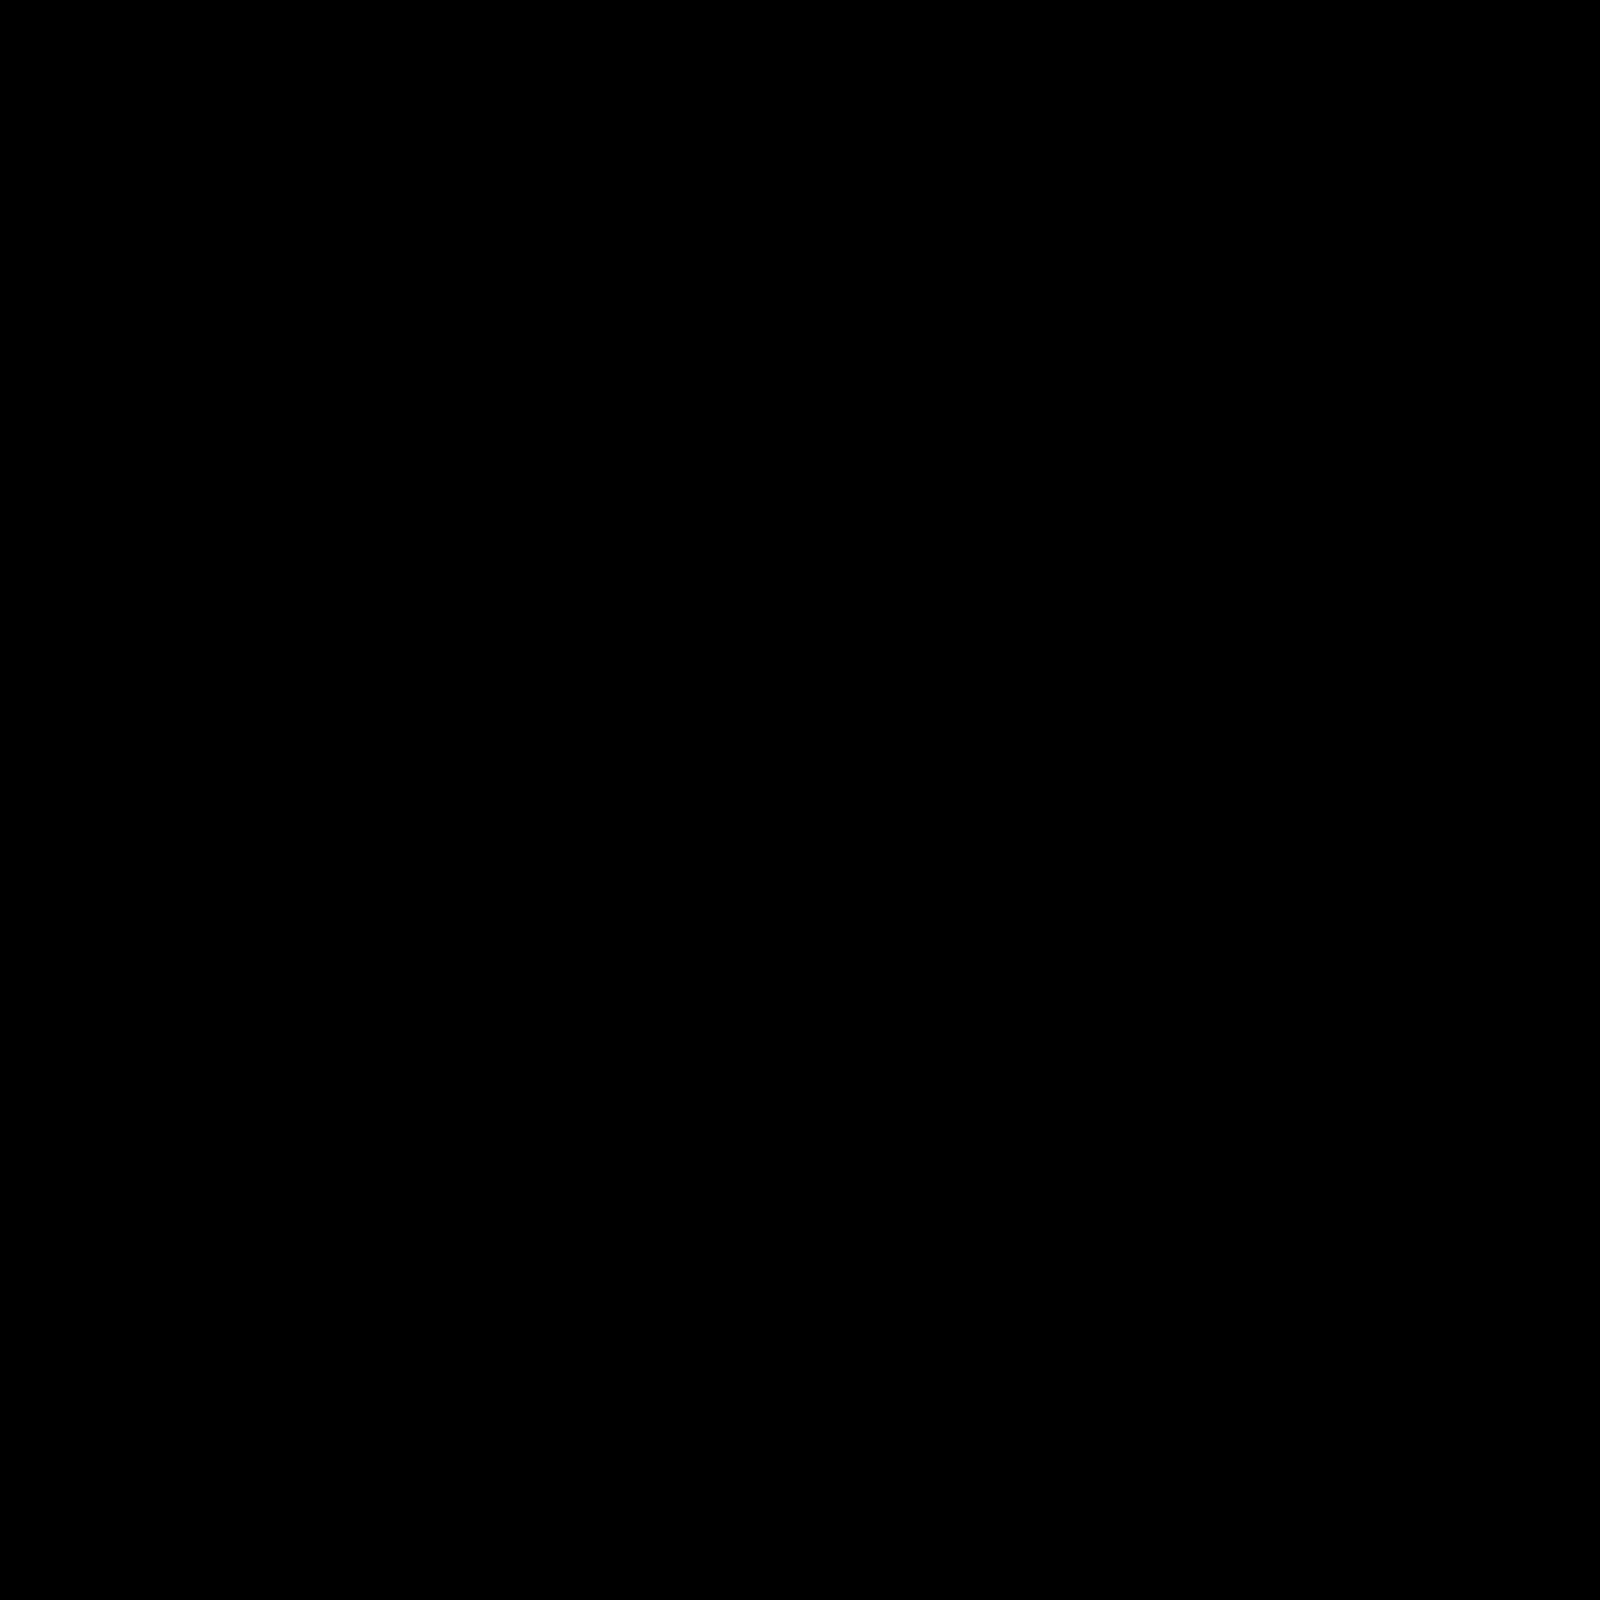 Cuervo icon